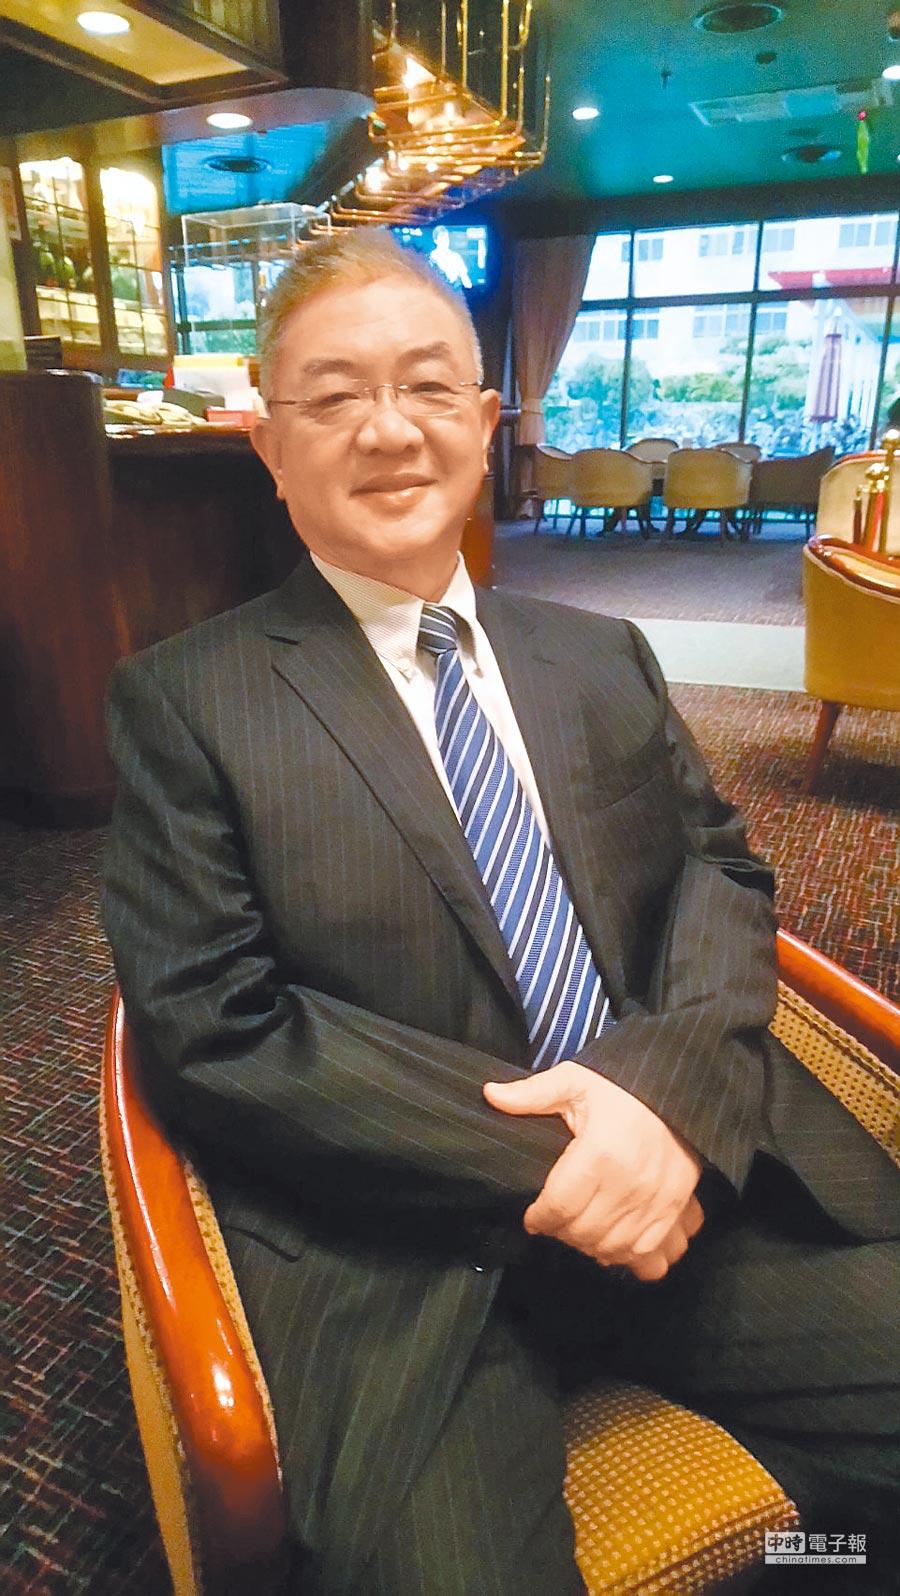 上海台協常務副會長胡興中。(記者楊家鑫攝)